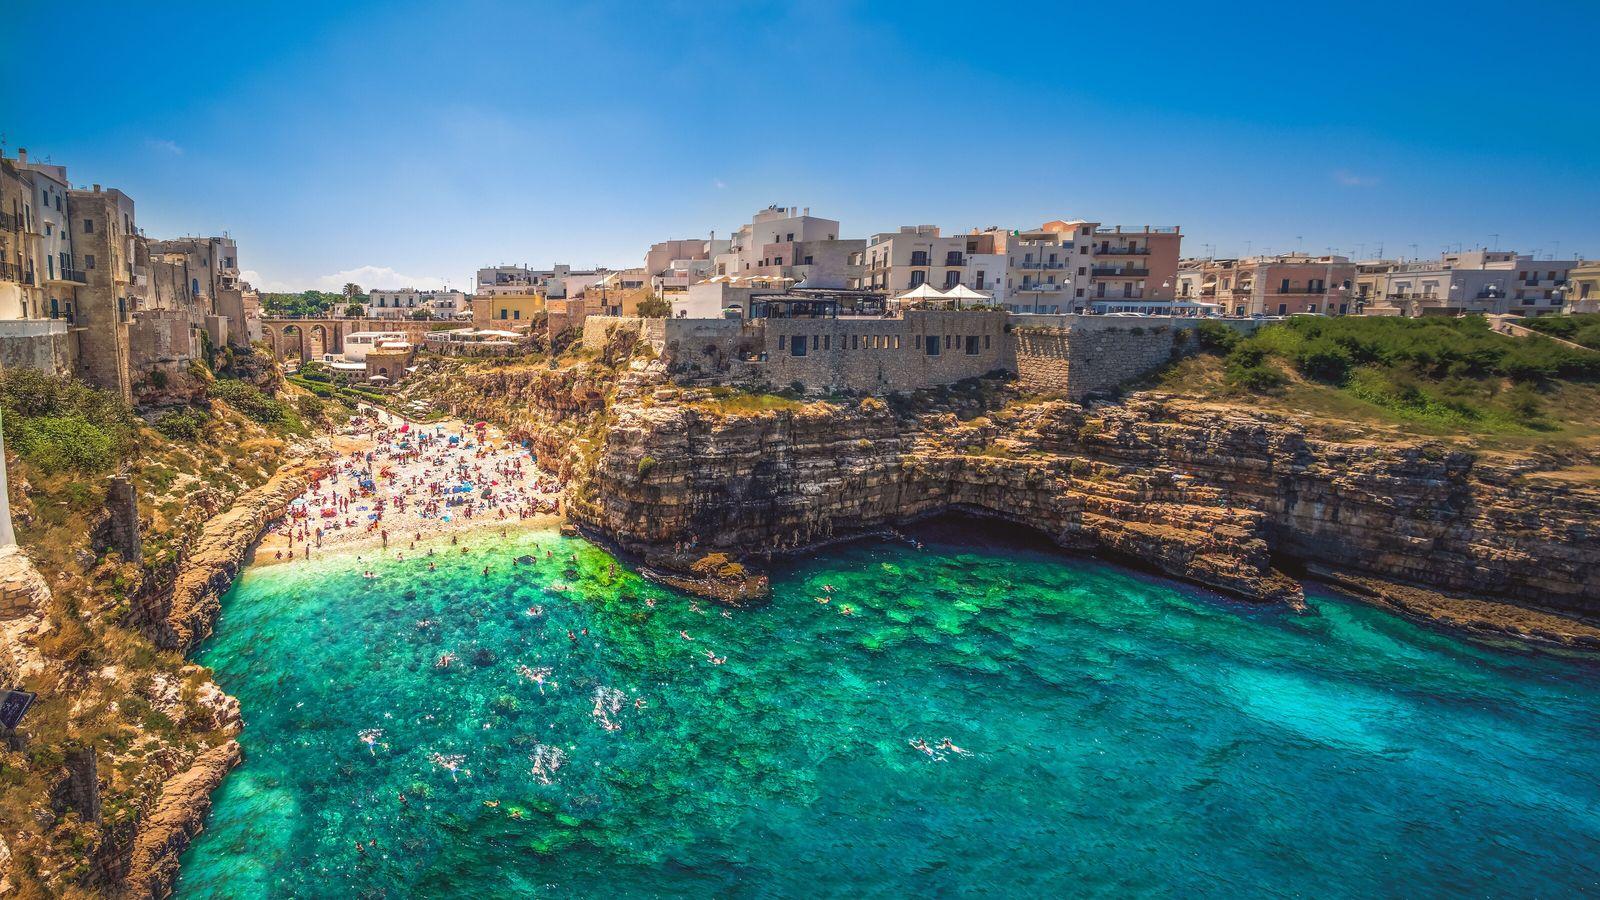 Puglia, in the town of Polignano a Mare province of Bari